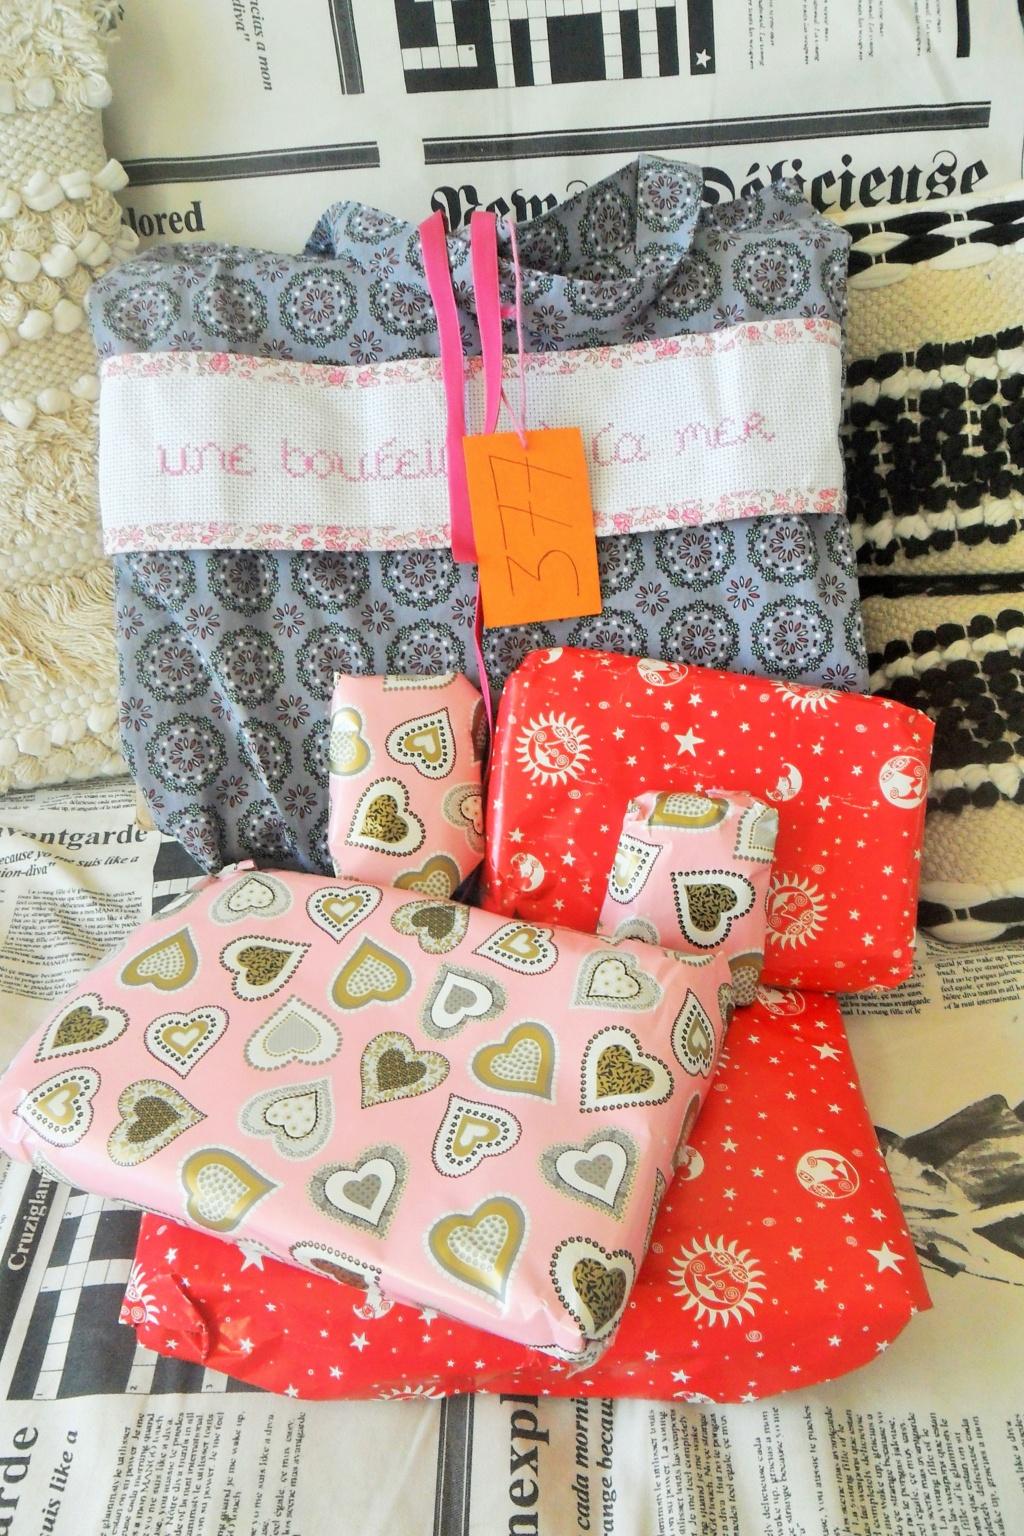 [Partenariat] La ronde des sacs à cadeaux (SUITE) Sam_4512